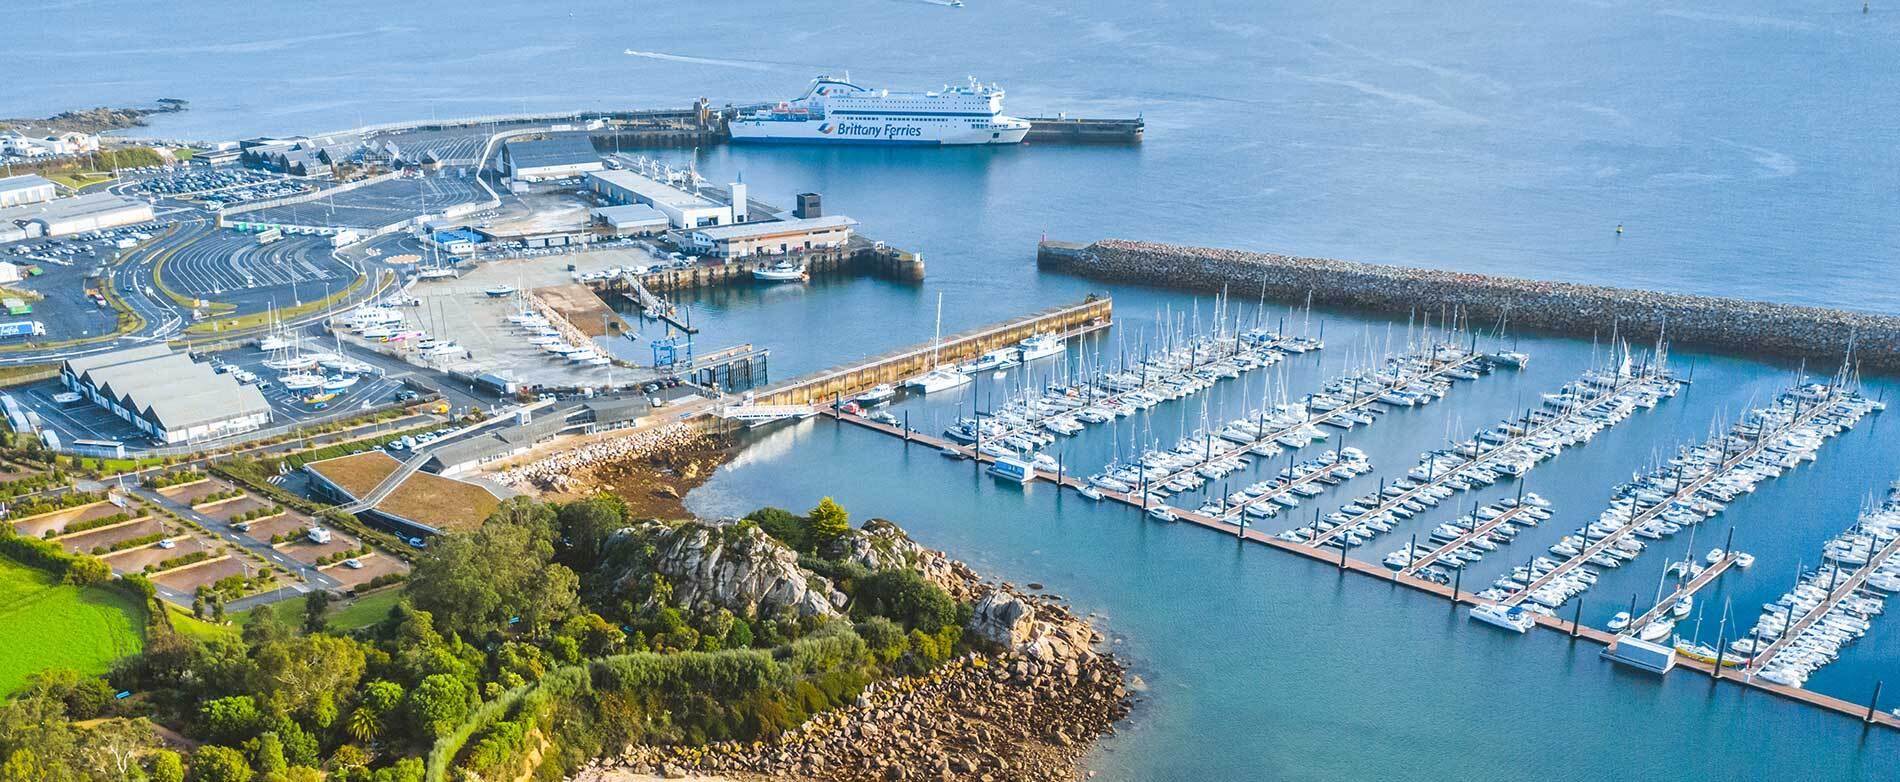 Plaisance : quels ports finistériens sont accessibles ?